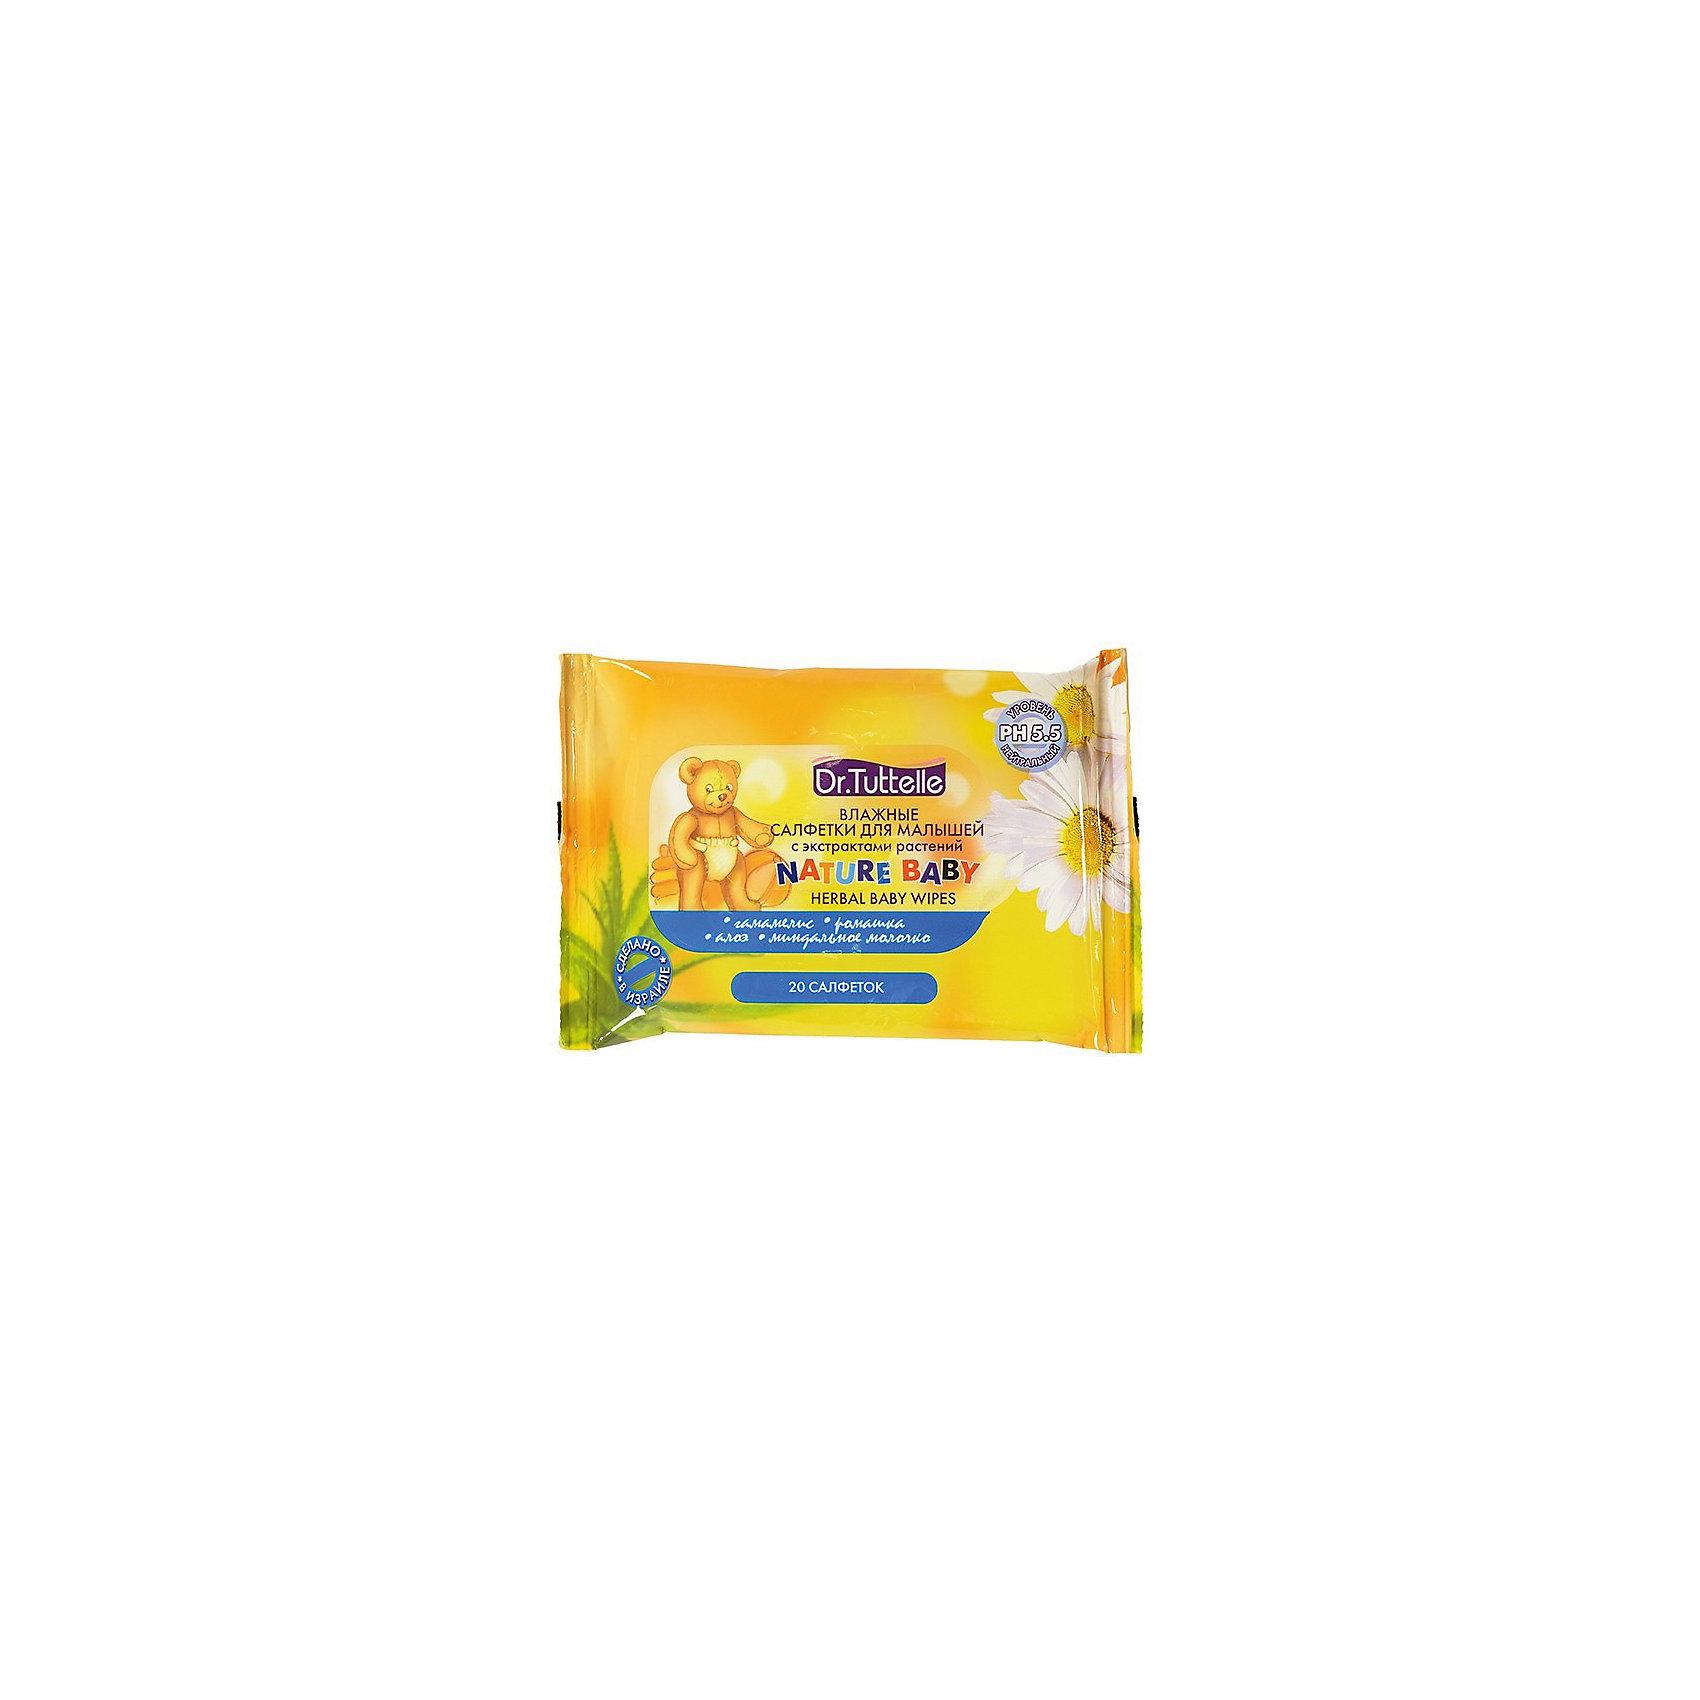 Влажные салфетки для малышей с экстрактами растений 20 шт, Dr. TuttelleБережное очищение кожи малыша в области подгузника позволяет предотвратить появление сыпи и раздражений. Входящие в состав салфеток экстракты лекарственных трав и витаминов увлажняют детскую кожу, снимают покраснения и воспаления. <br><br>Дополнительная информация:<br><br>Состав:<br>гамамелис, ромашка, алоэ, миндальное молочко. <br><br>Влажные салфетки для малышей с экстрактами растений 20 шт/24кор., Dr. Tuttelle можно купить в нашем интернет-магазине.<br><br>Ширина мм: 300<br>Глубина мм: 100<br>Высота мм: 50<br>Вес г: 150<br>Возраст от месяцев: 0<br>Возраст до месяцев: 36<br>Пол: Унисекс<br>Возраст: Детский<br>SKU: 5008312